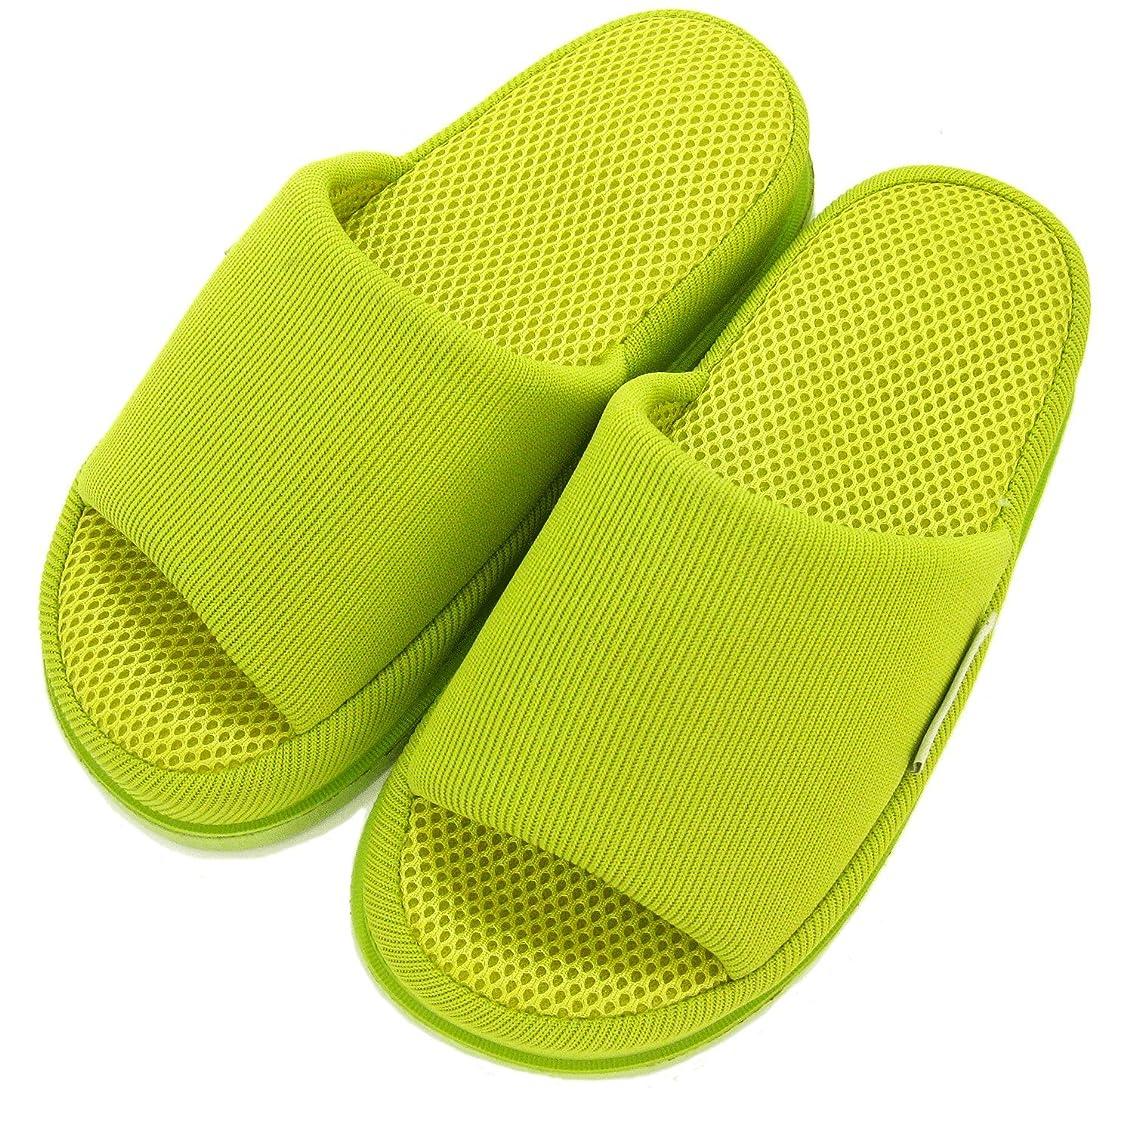 抽出チャレンジワックス足で癒す リフレクソロジースリッパ リフレ かかと ライトグリーン M